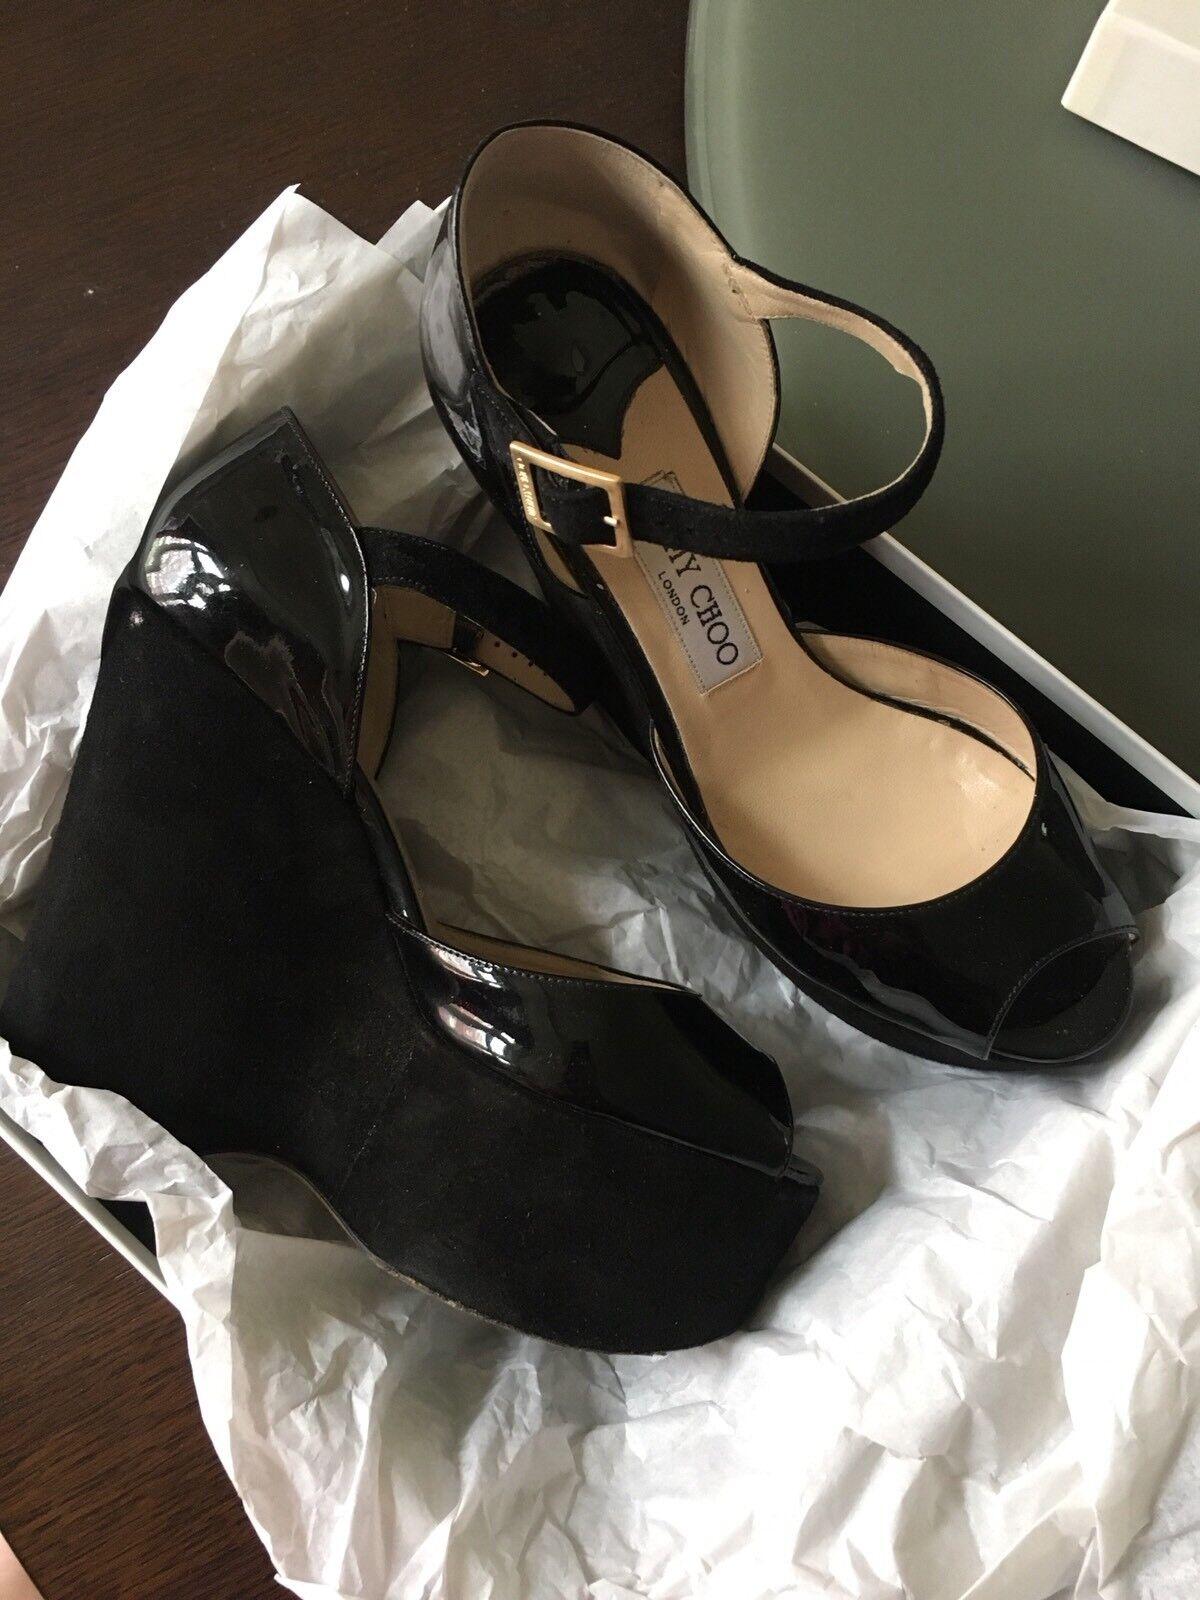 Descuento de liquidación Jimmy Choo Platform Sandals Size 38 Suede Patent Leather